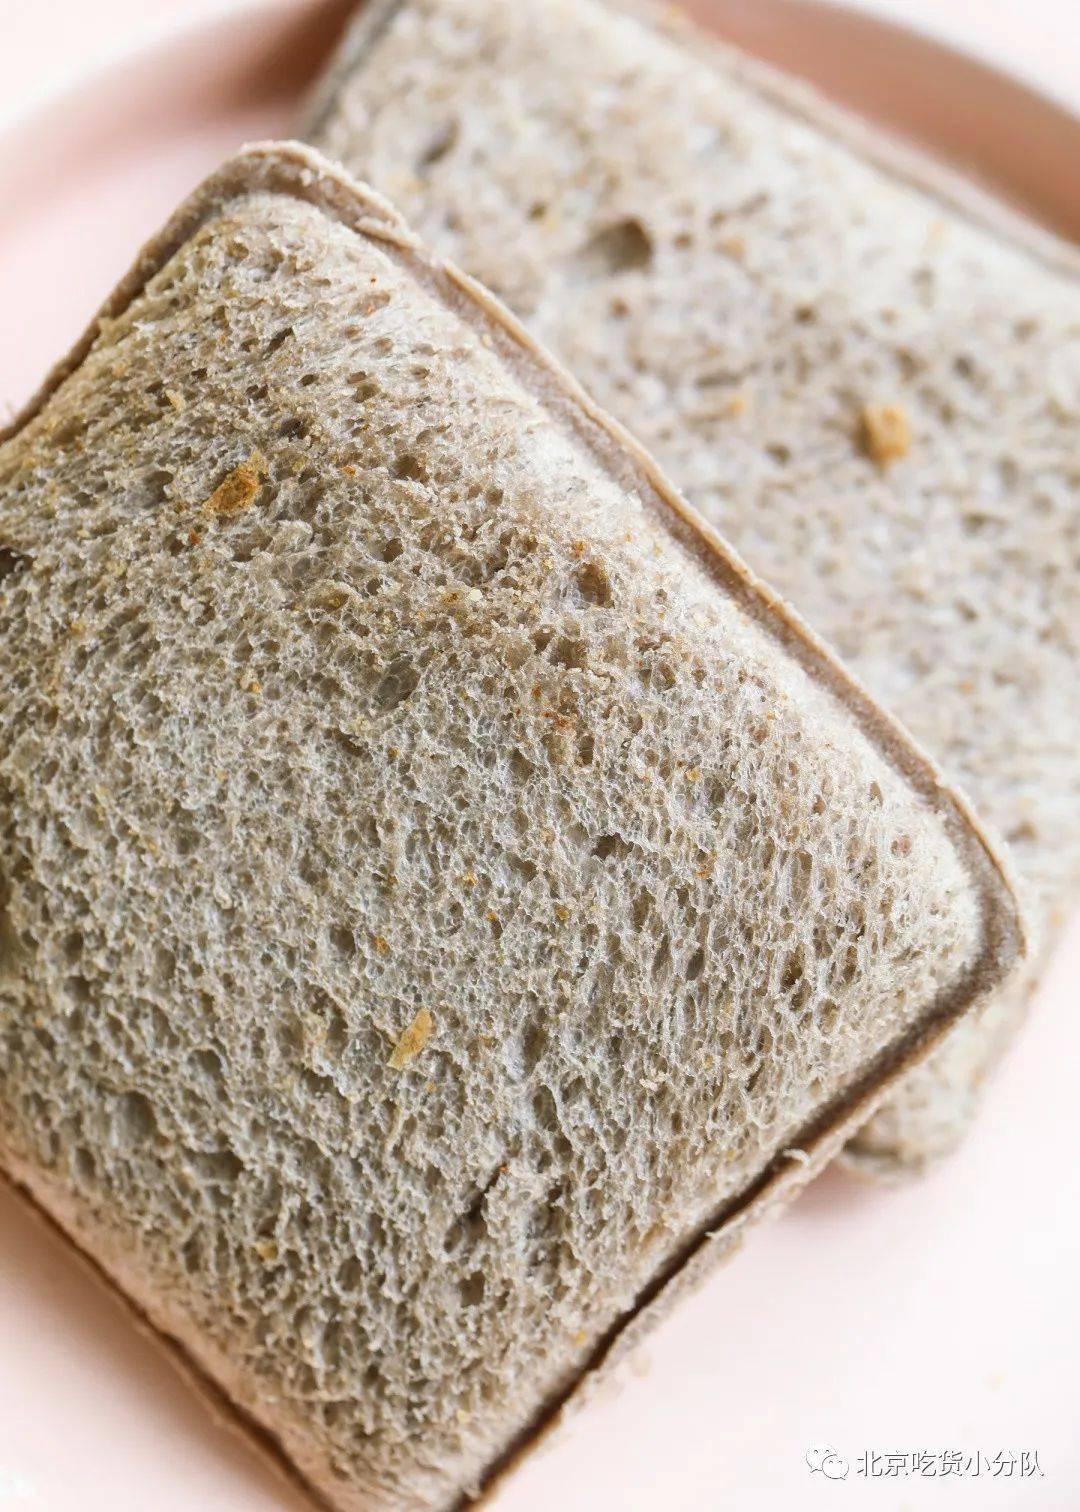 吃遍711的面包,什么值得买?